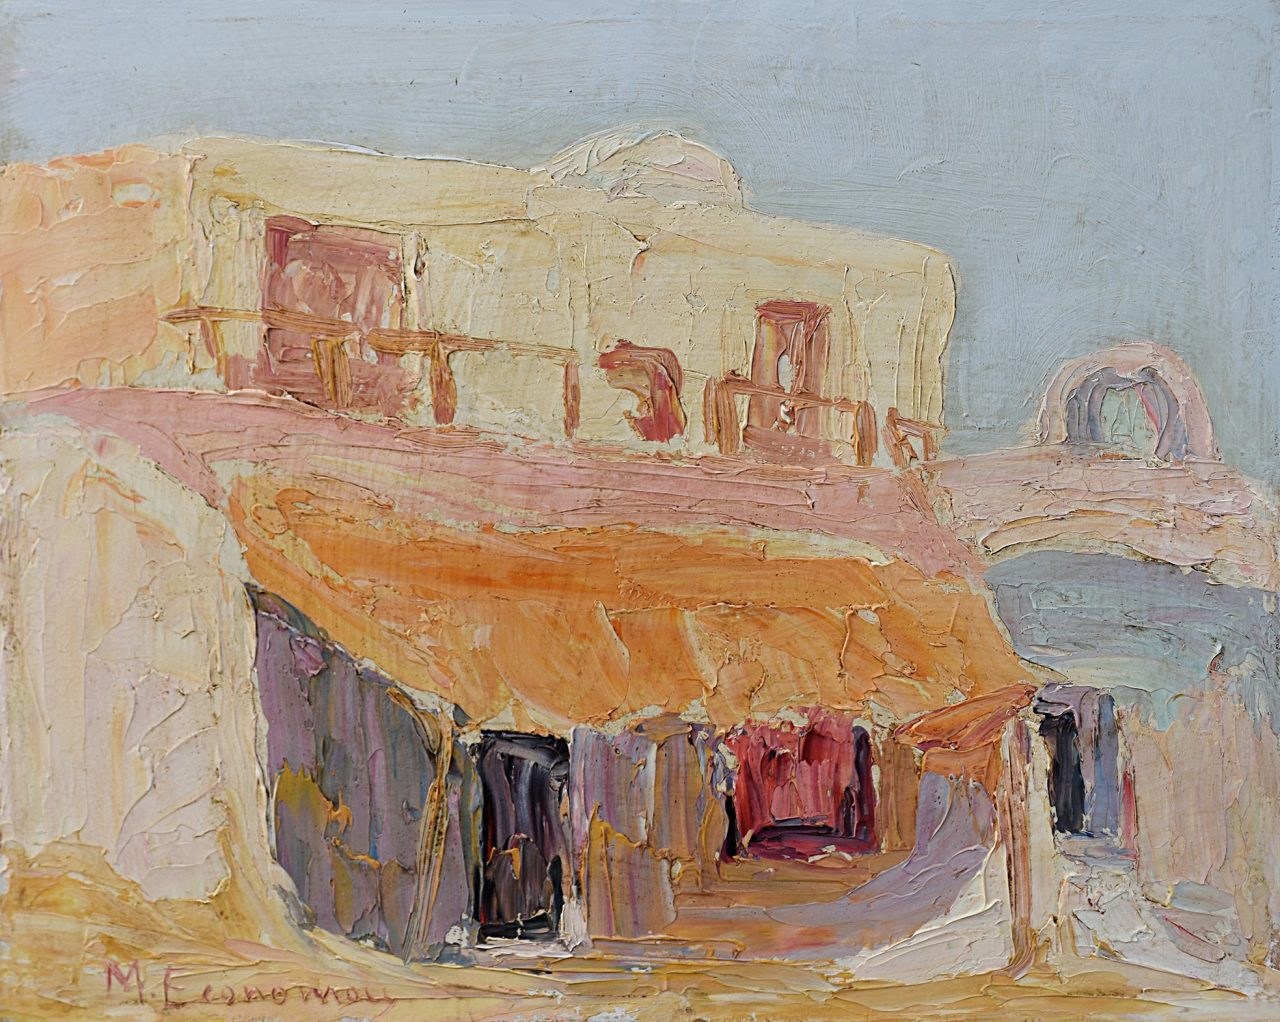 024. ΟΙΚΟΝΟΜΟΥ Μιχαήλ (1884-1933)